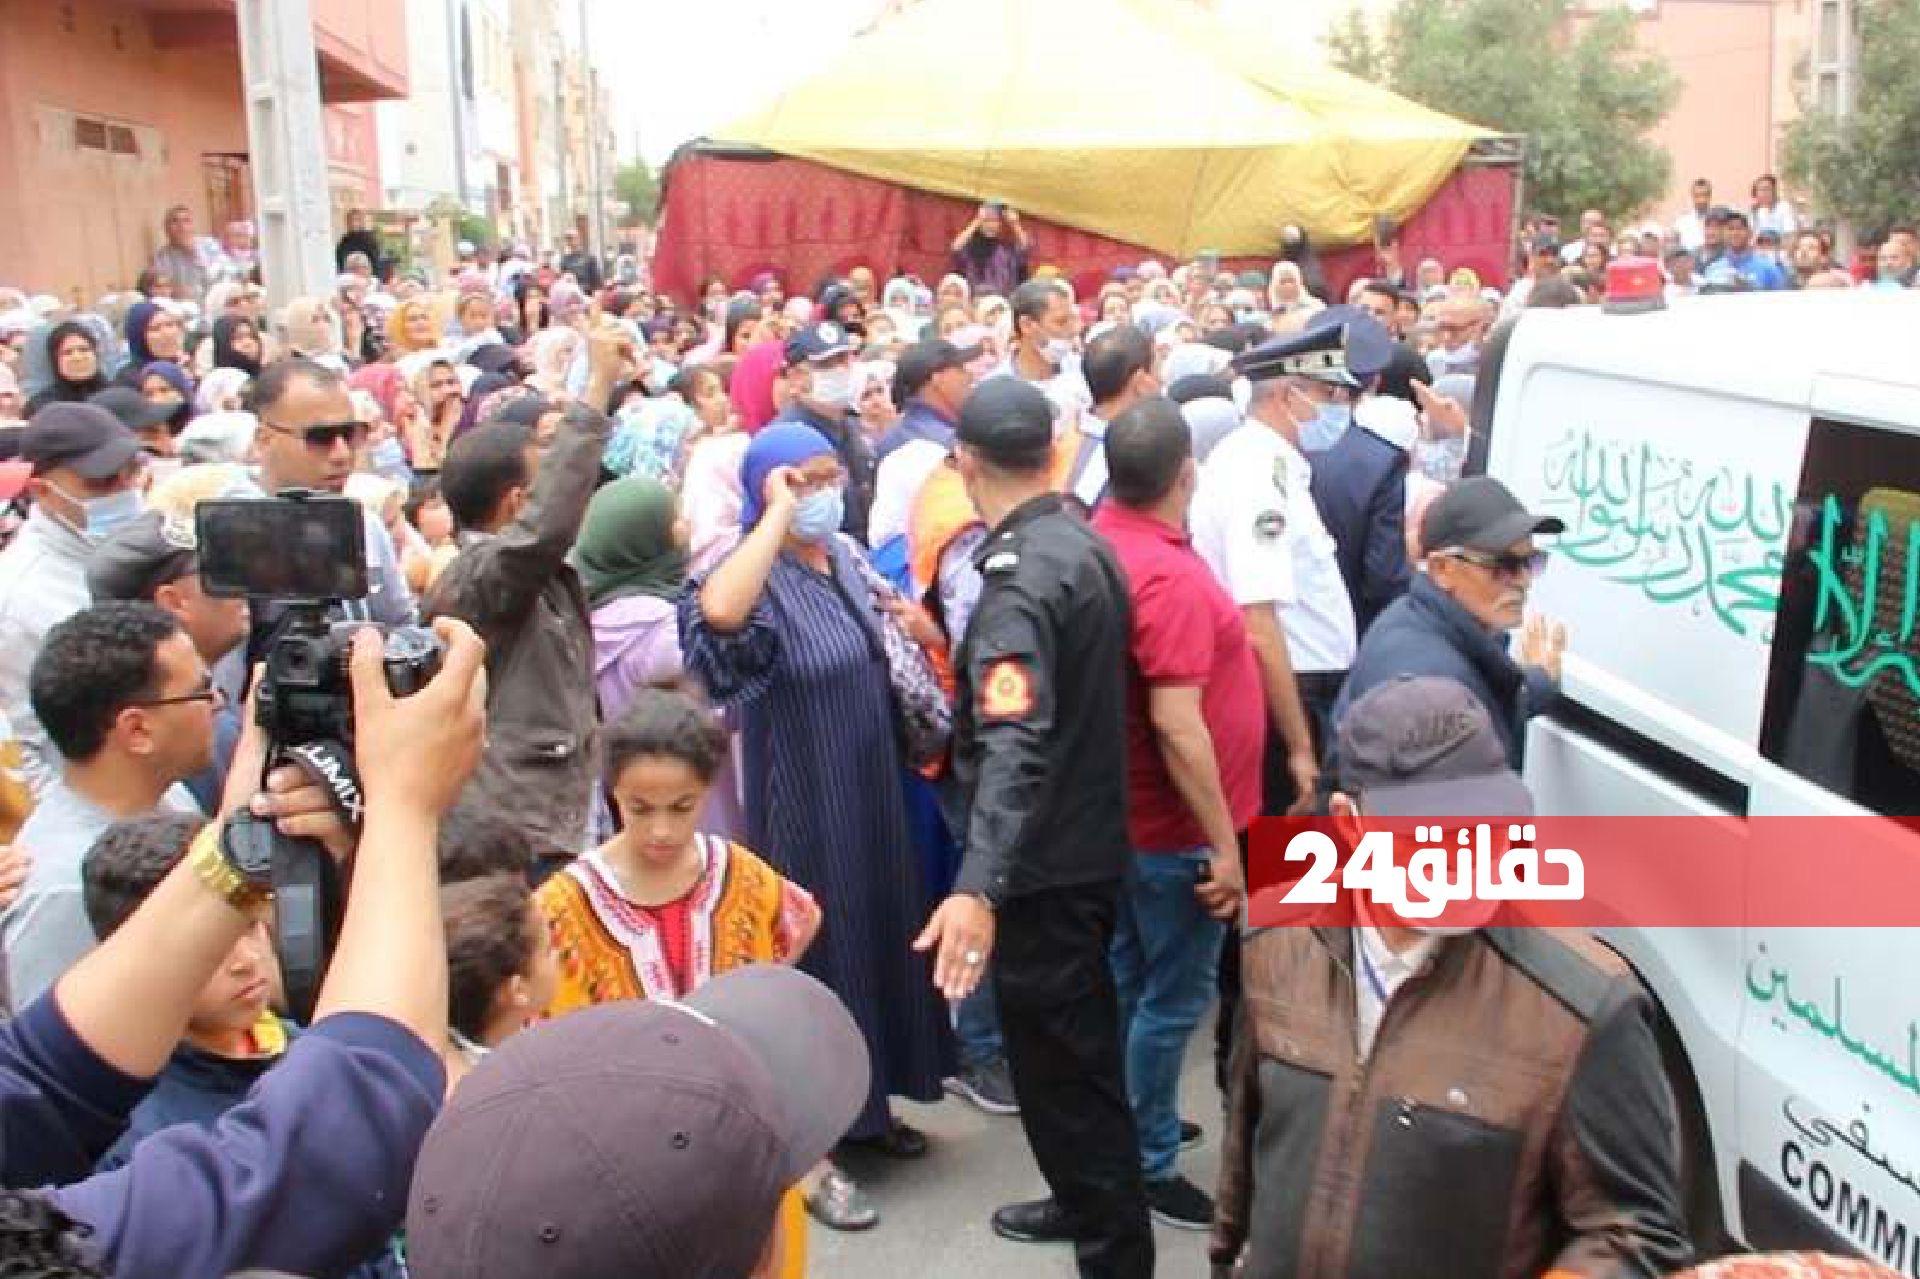 صورة مئات المواطنين يشيعون جنازة  ضابط الشرطة المقتول بآسفي